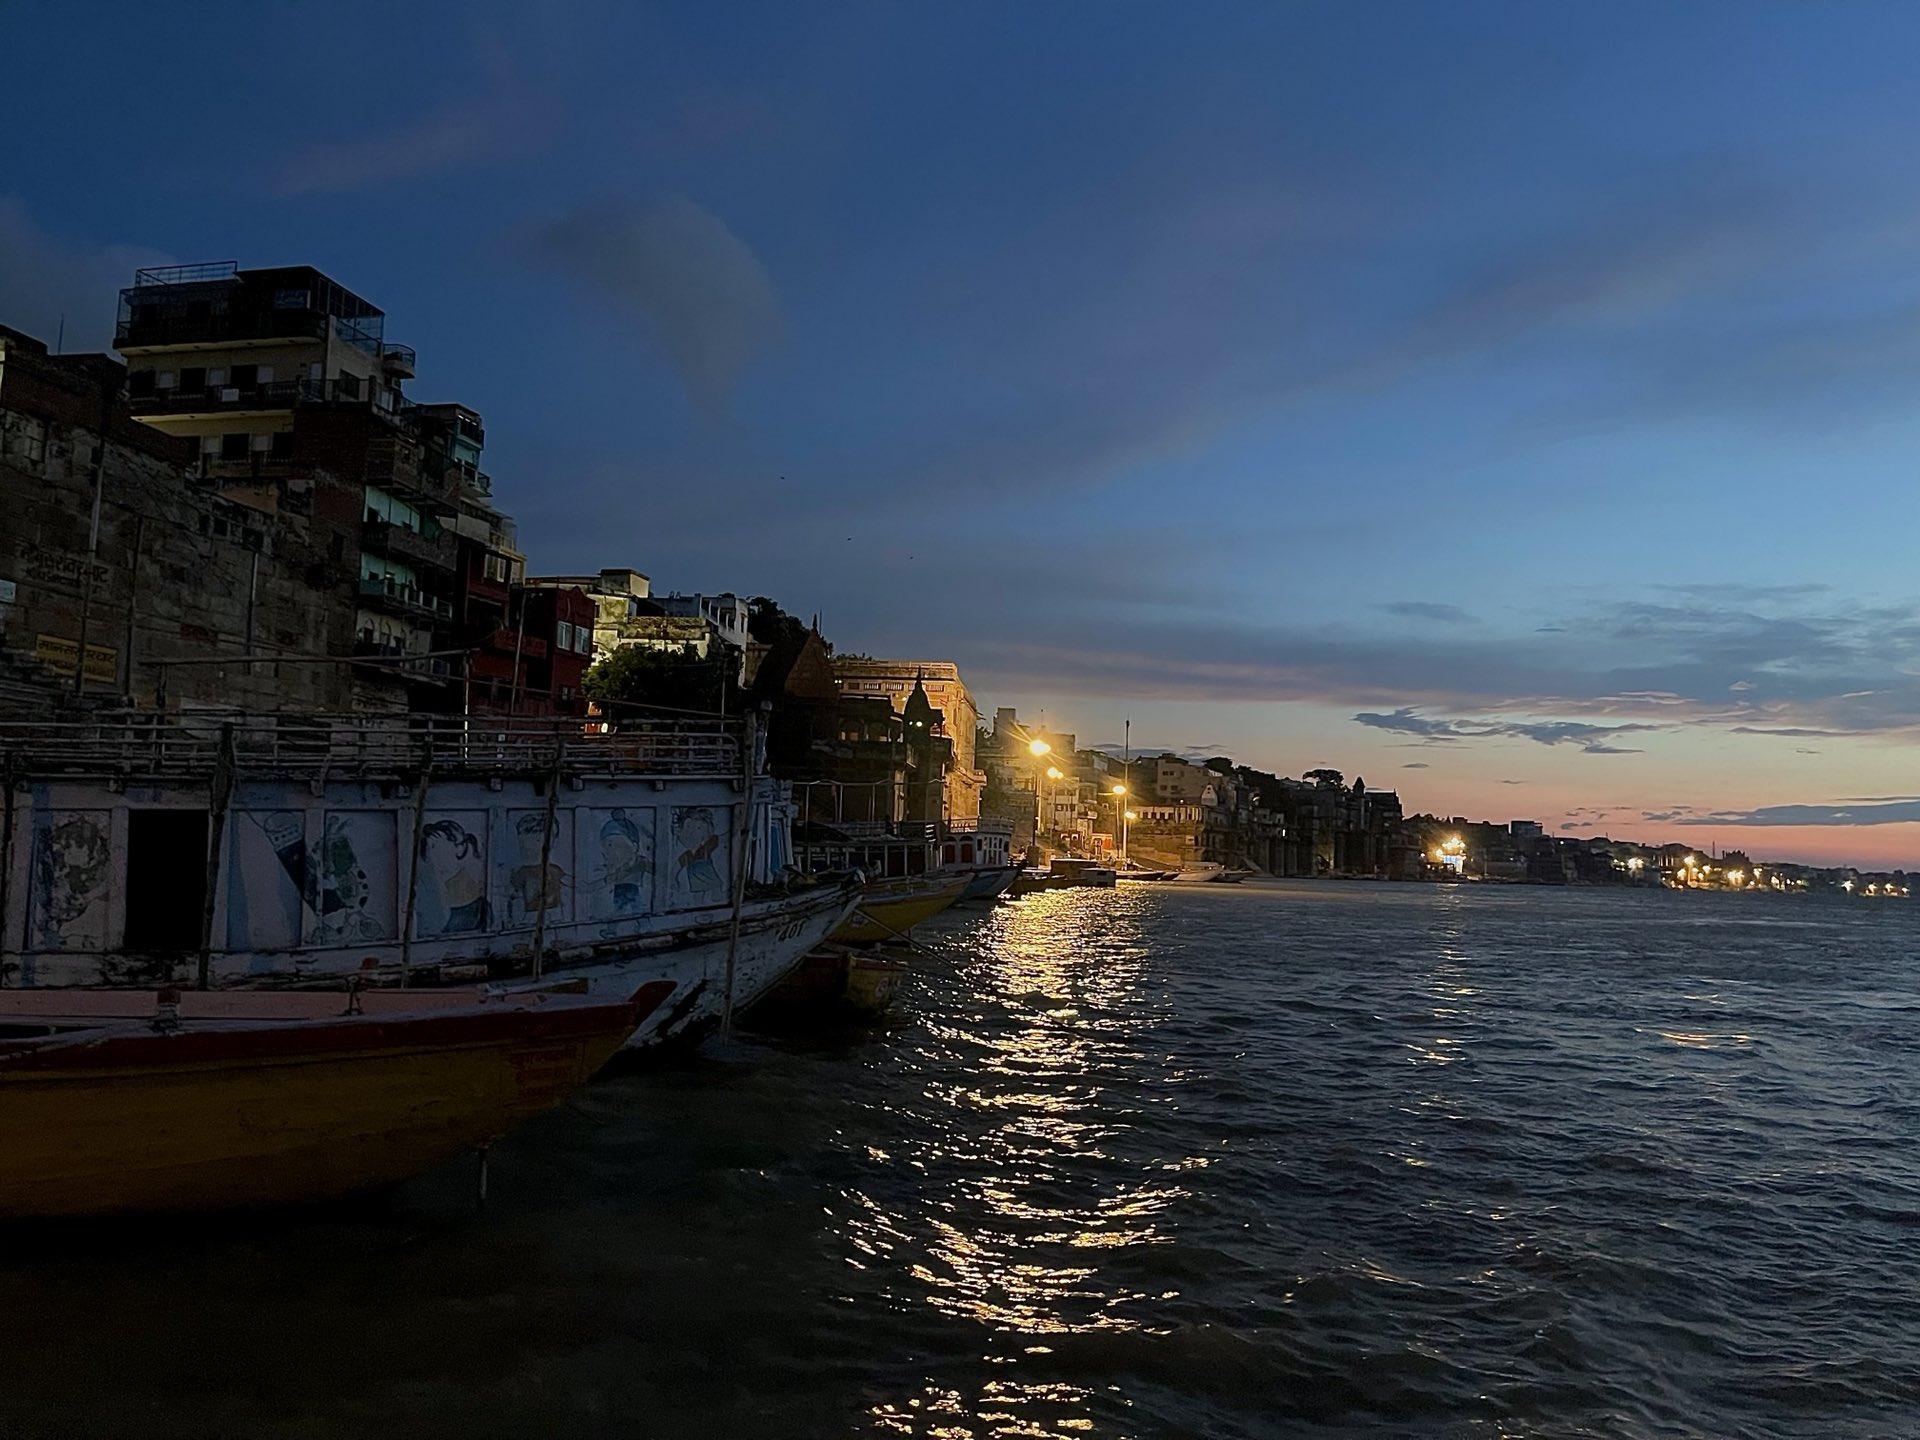 असुर 2 के शूटिंग के लिए काशी पहुंची टीम, अरशद वारसी ने सांझा की सुबह-ए-बनारस की तस्वीर